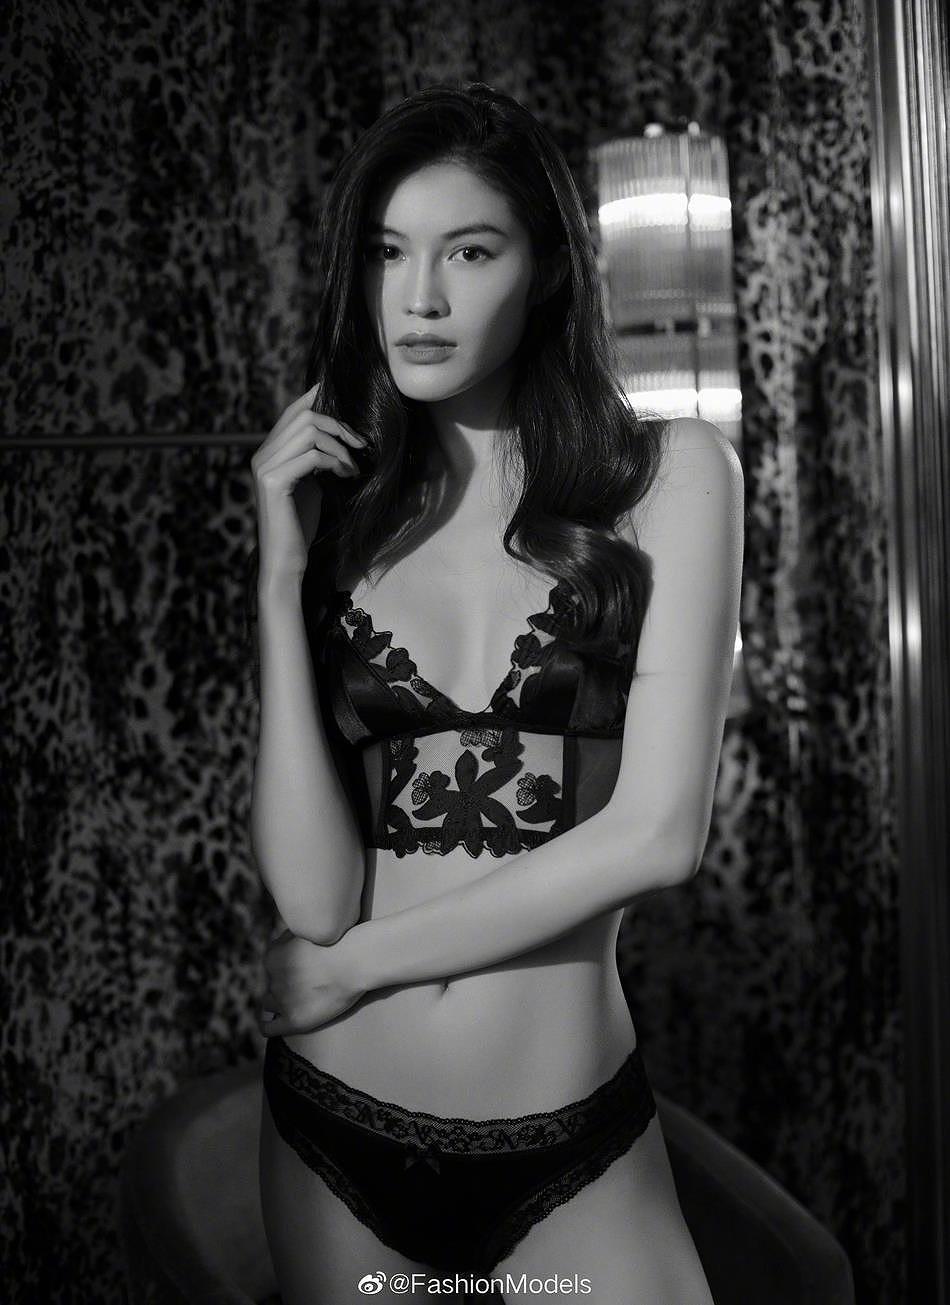 Siêu mẫu Victoria's Secret gốc Á mặc nội y ren, khoe lưng trần gợi cảm Ảnh 5